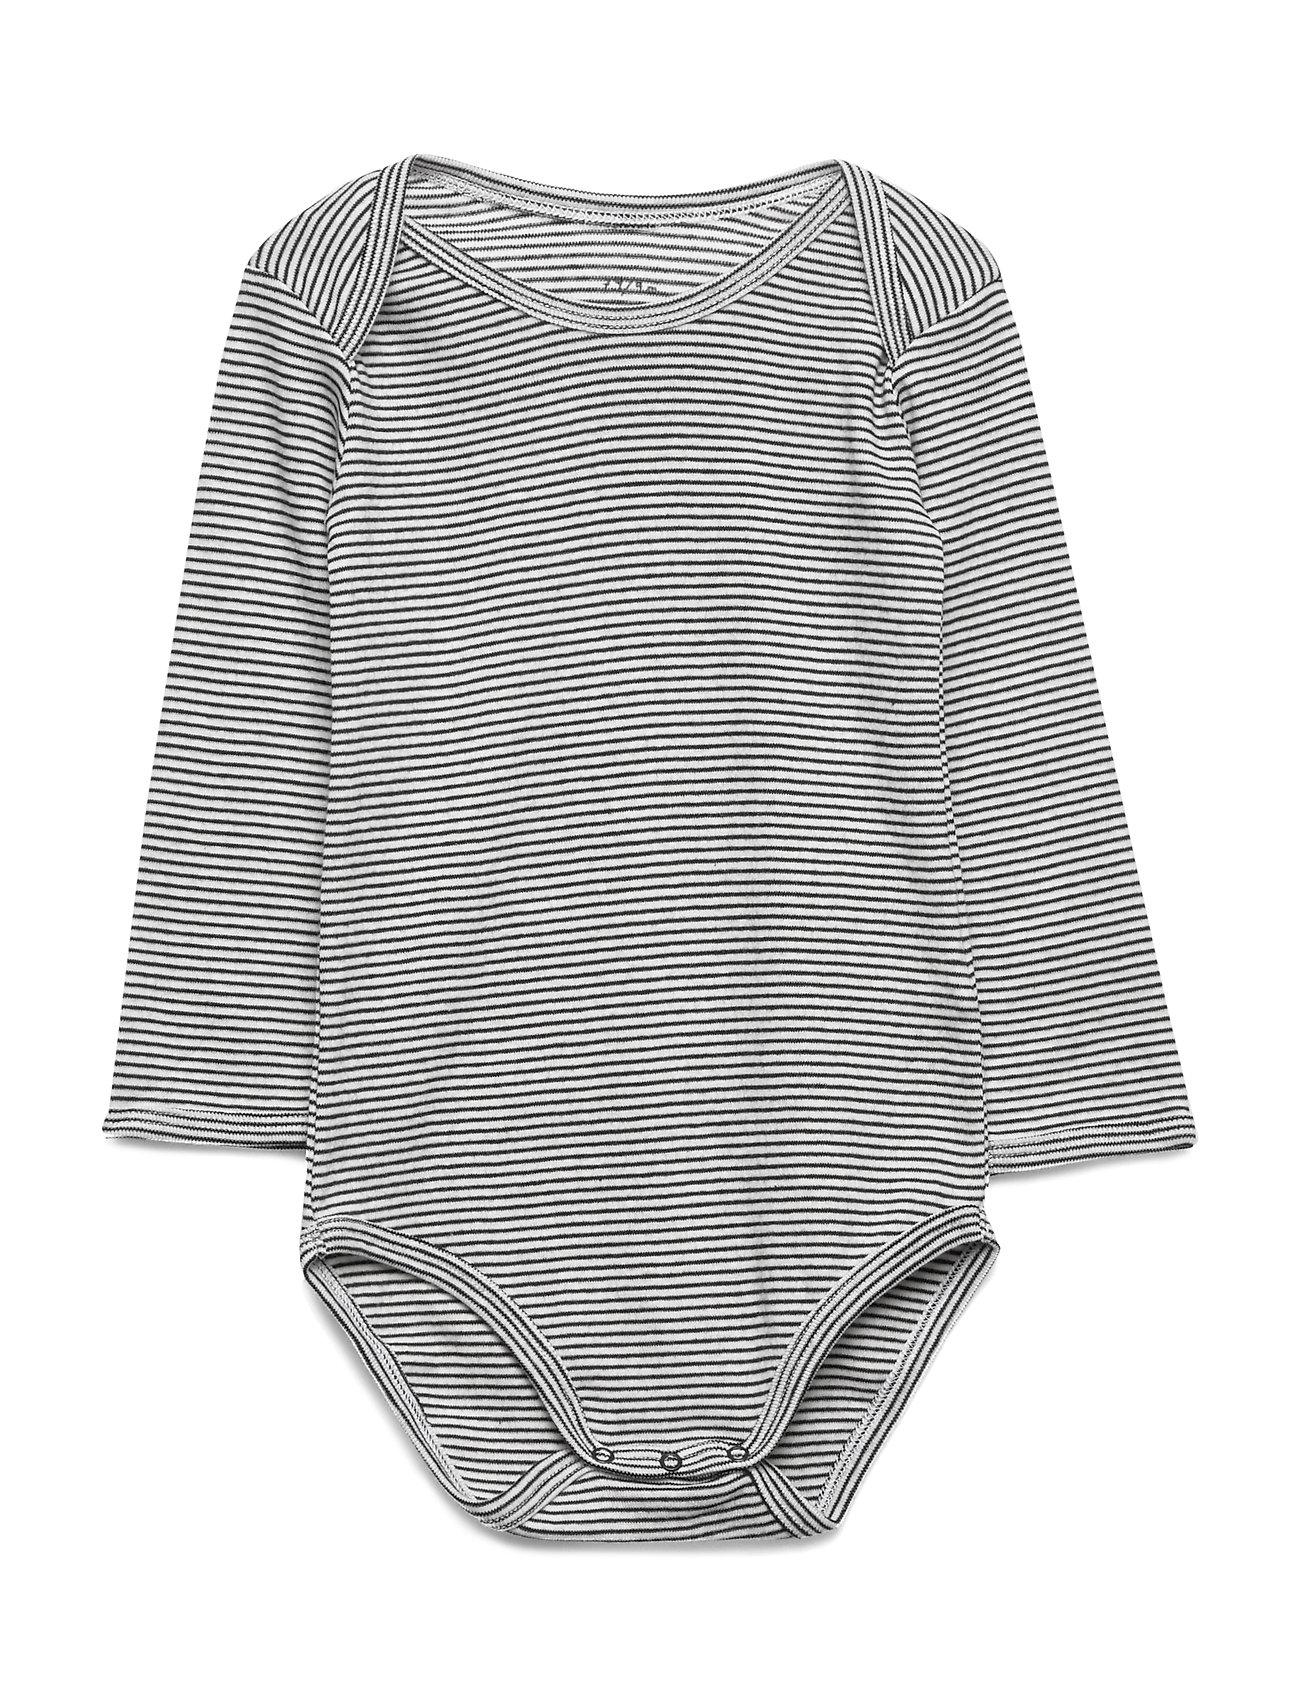 Noa Noa Miniature Baby Body - BLACK